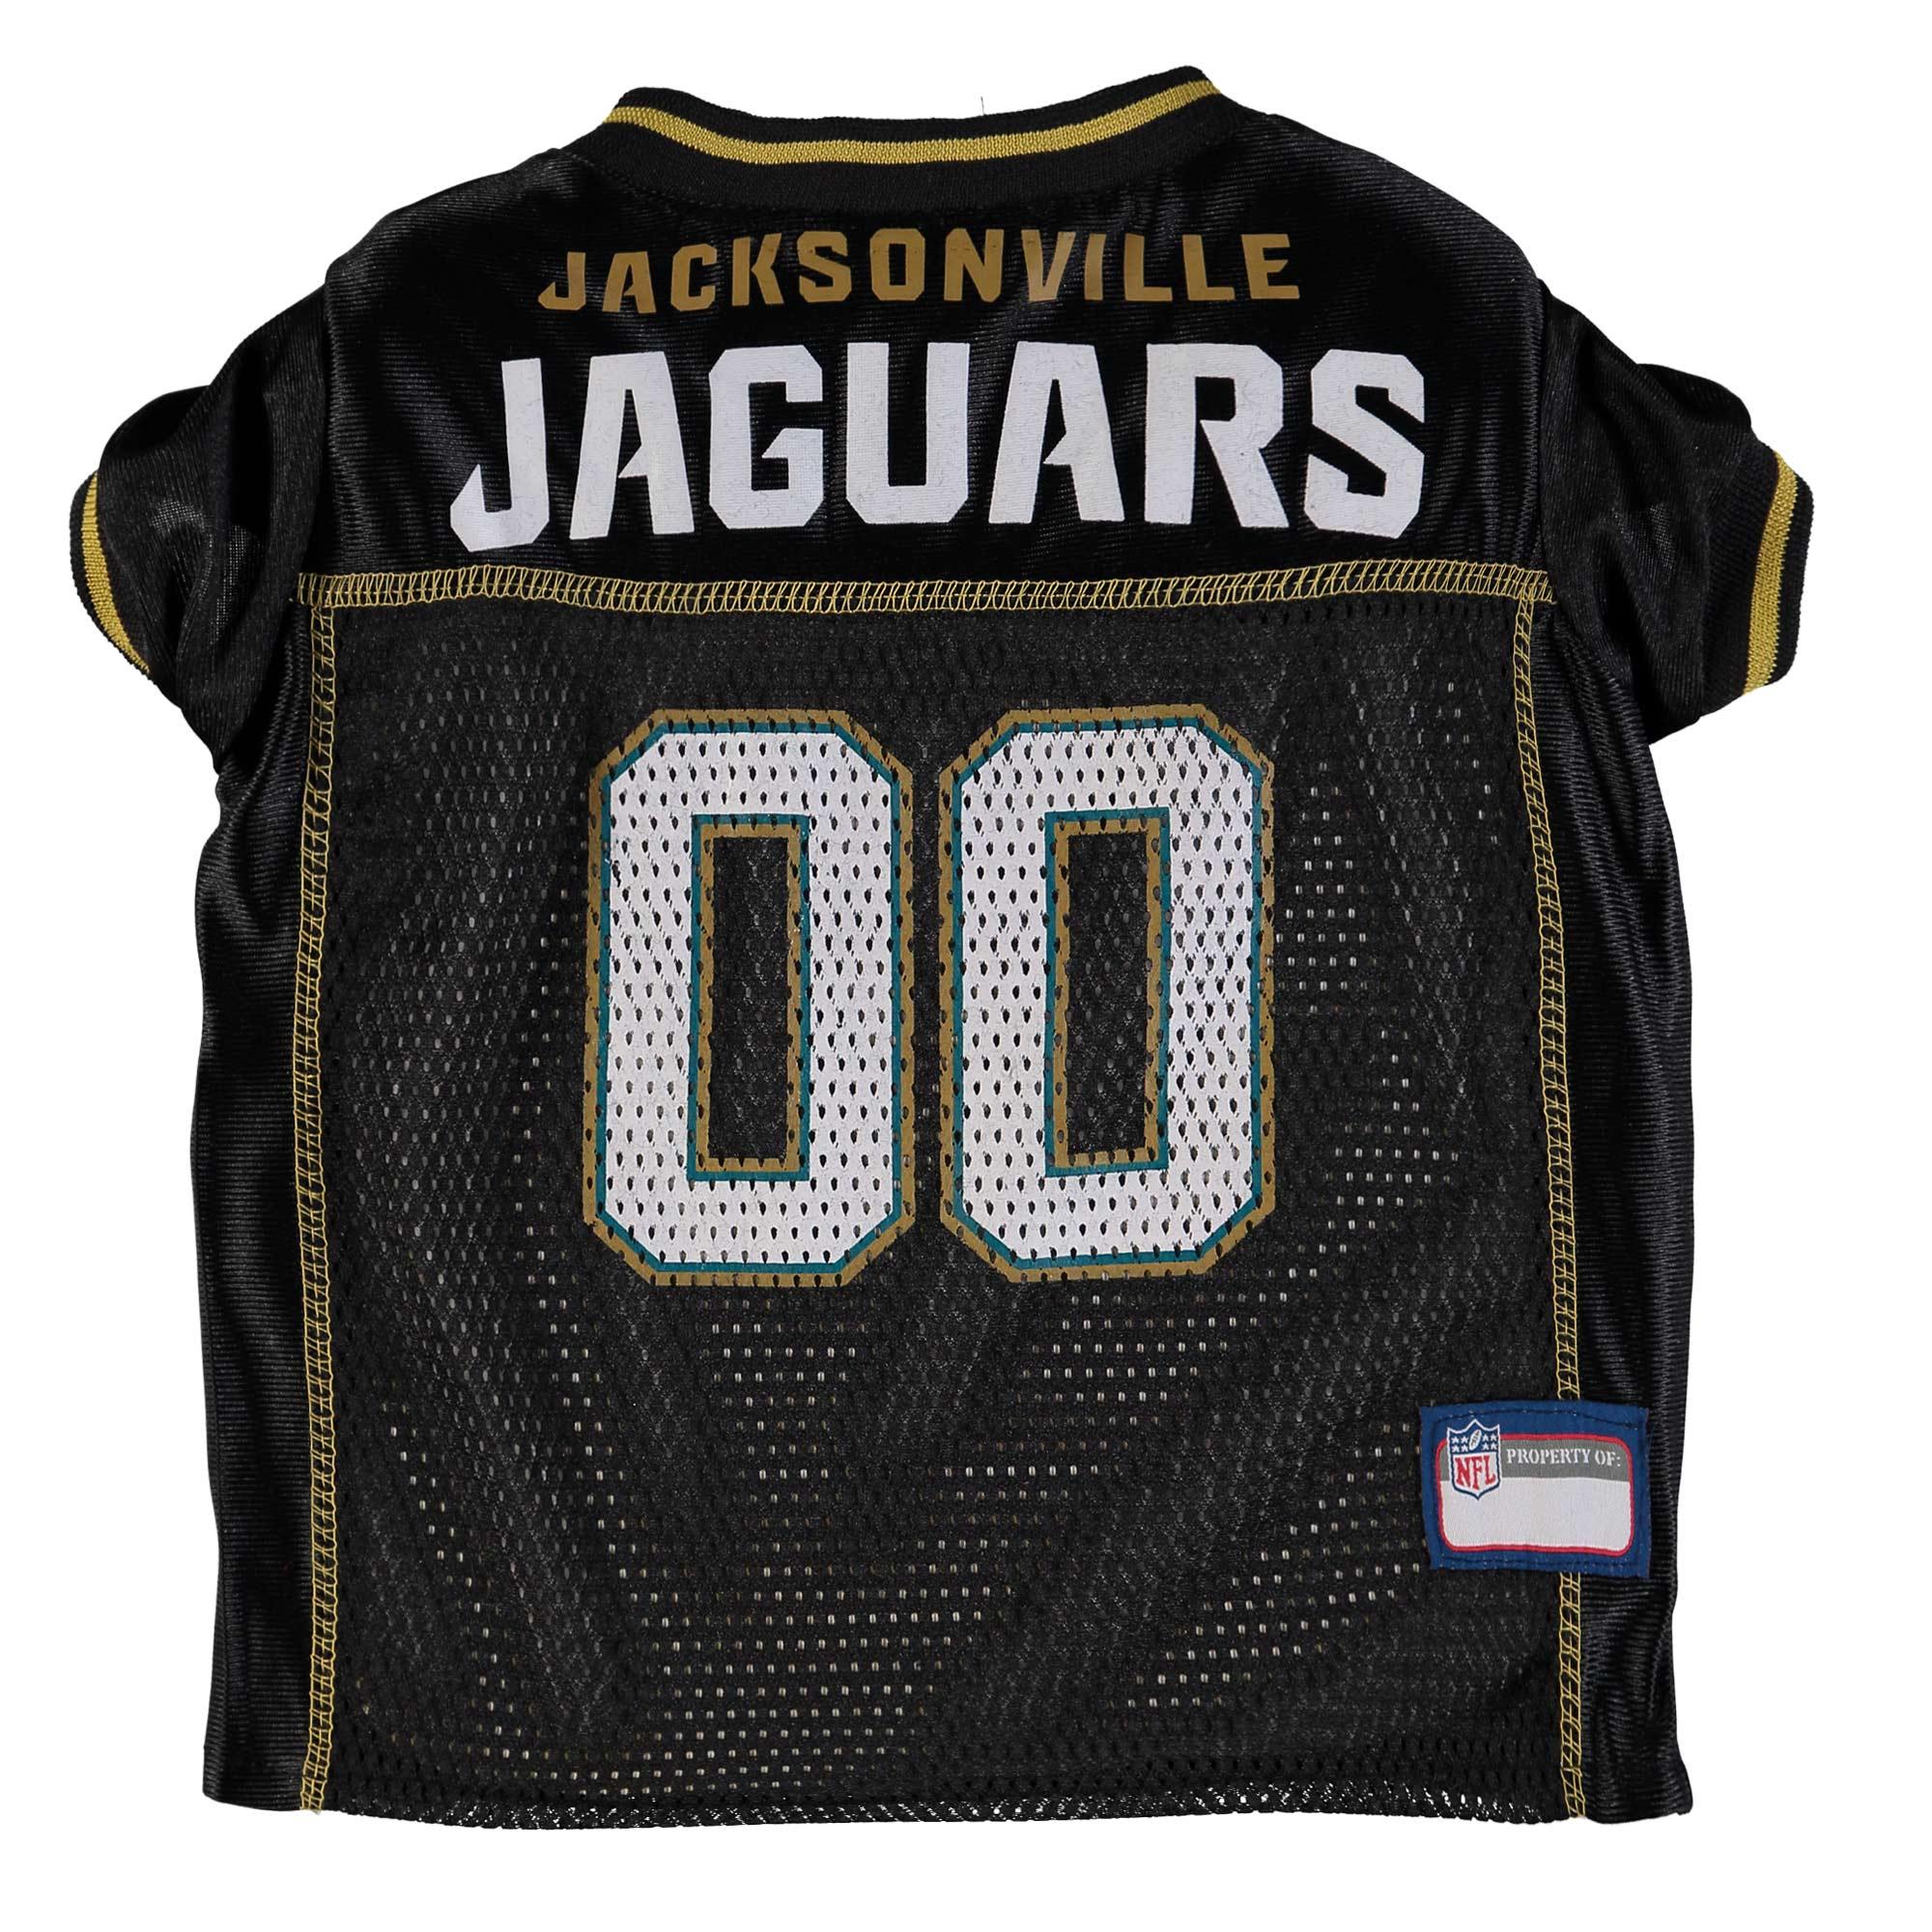 Jacksonville Jaguars Mesh Dog Jersey